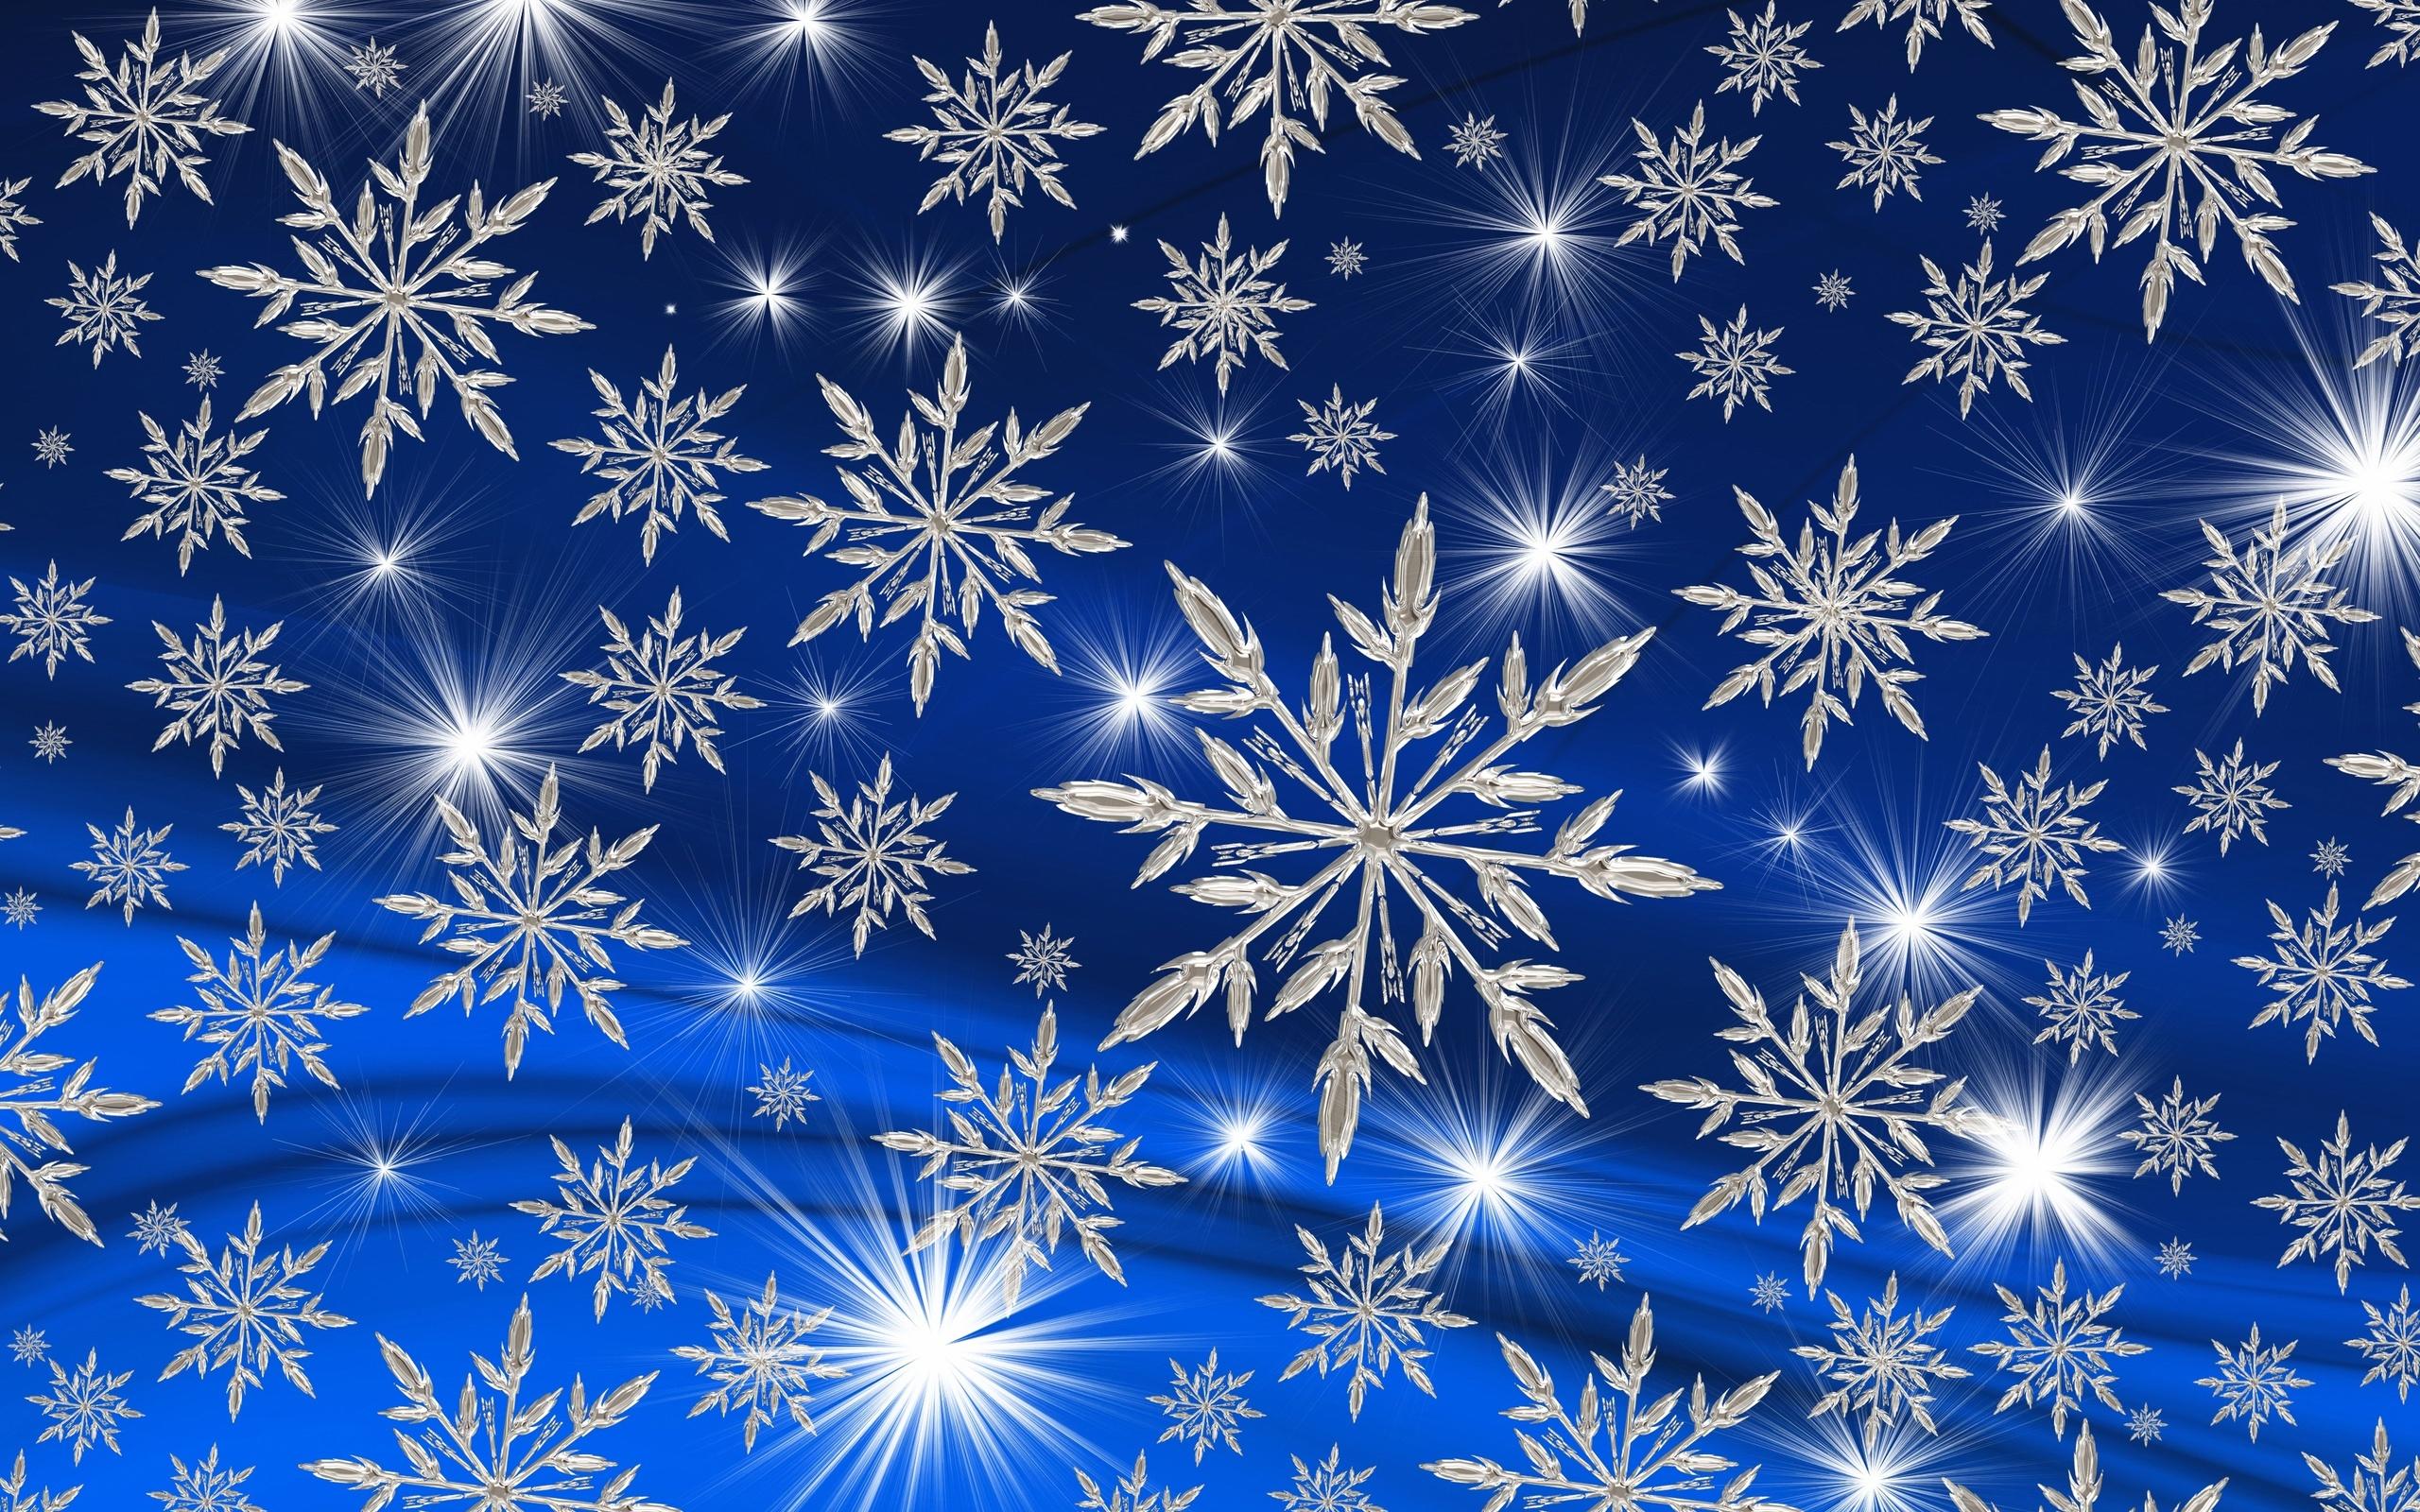 Картинки снежинки новогодние, поздравительные своими